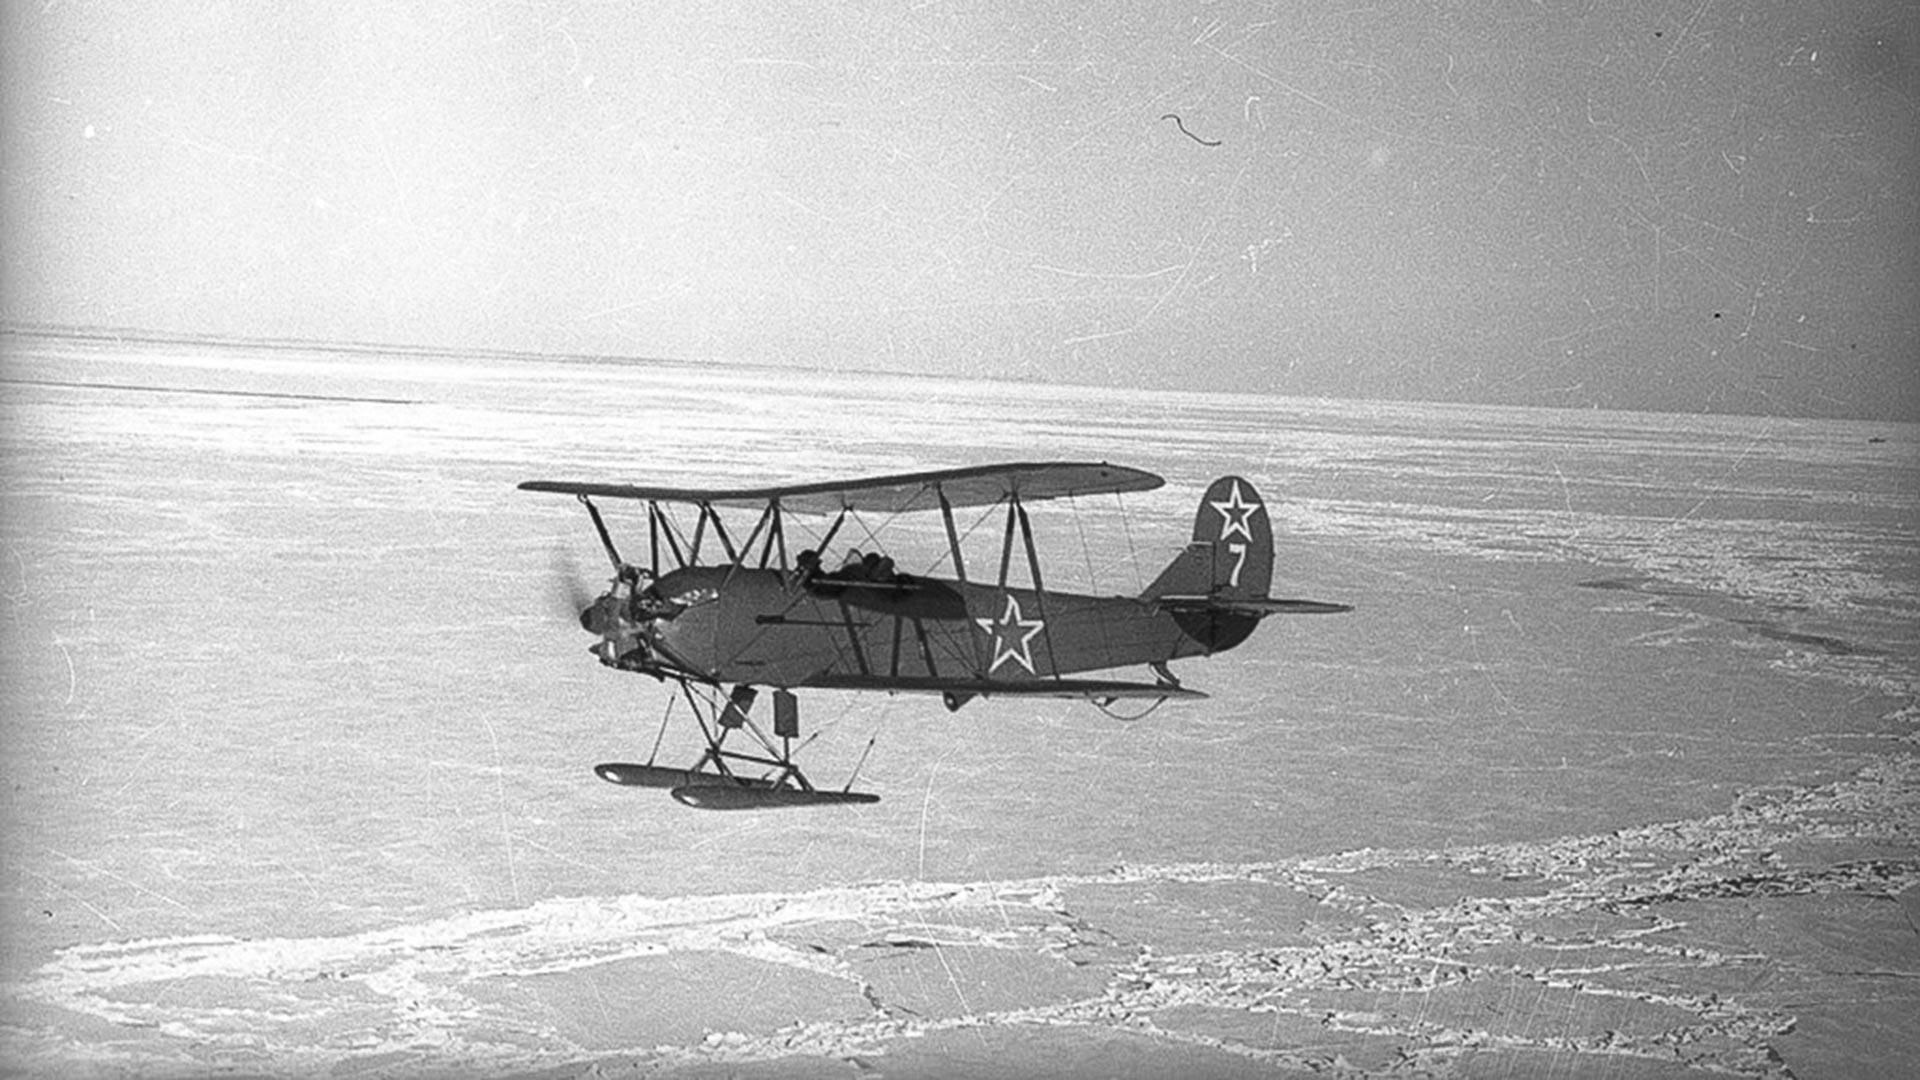 Letalo U-2 št. 7, ki ga je sestrelila nemška protiletalska obramba ponoči, 1. 8. 1943. Posadka (pilotka Valentina Polunina in navigatorka Glafira Kašarina) ni preživela.